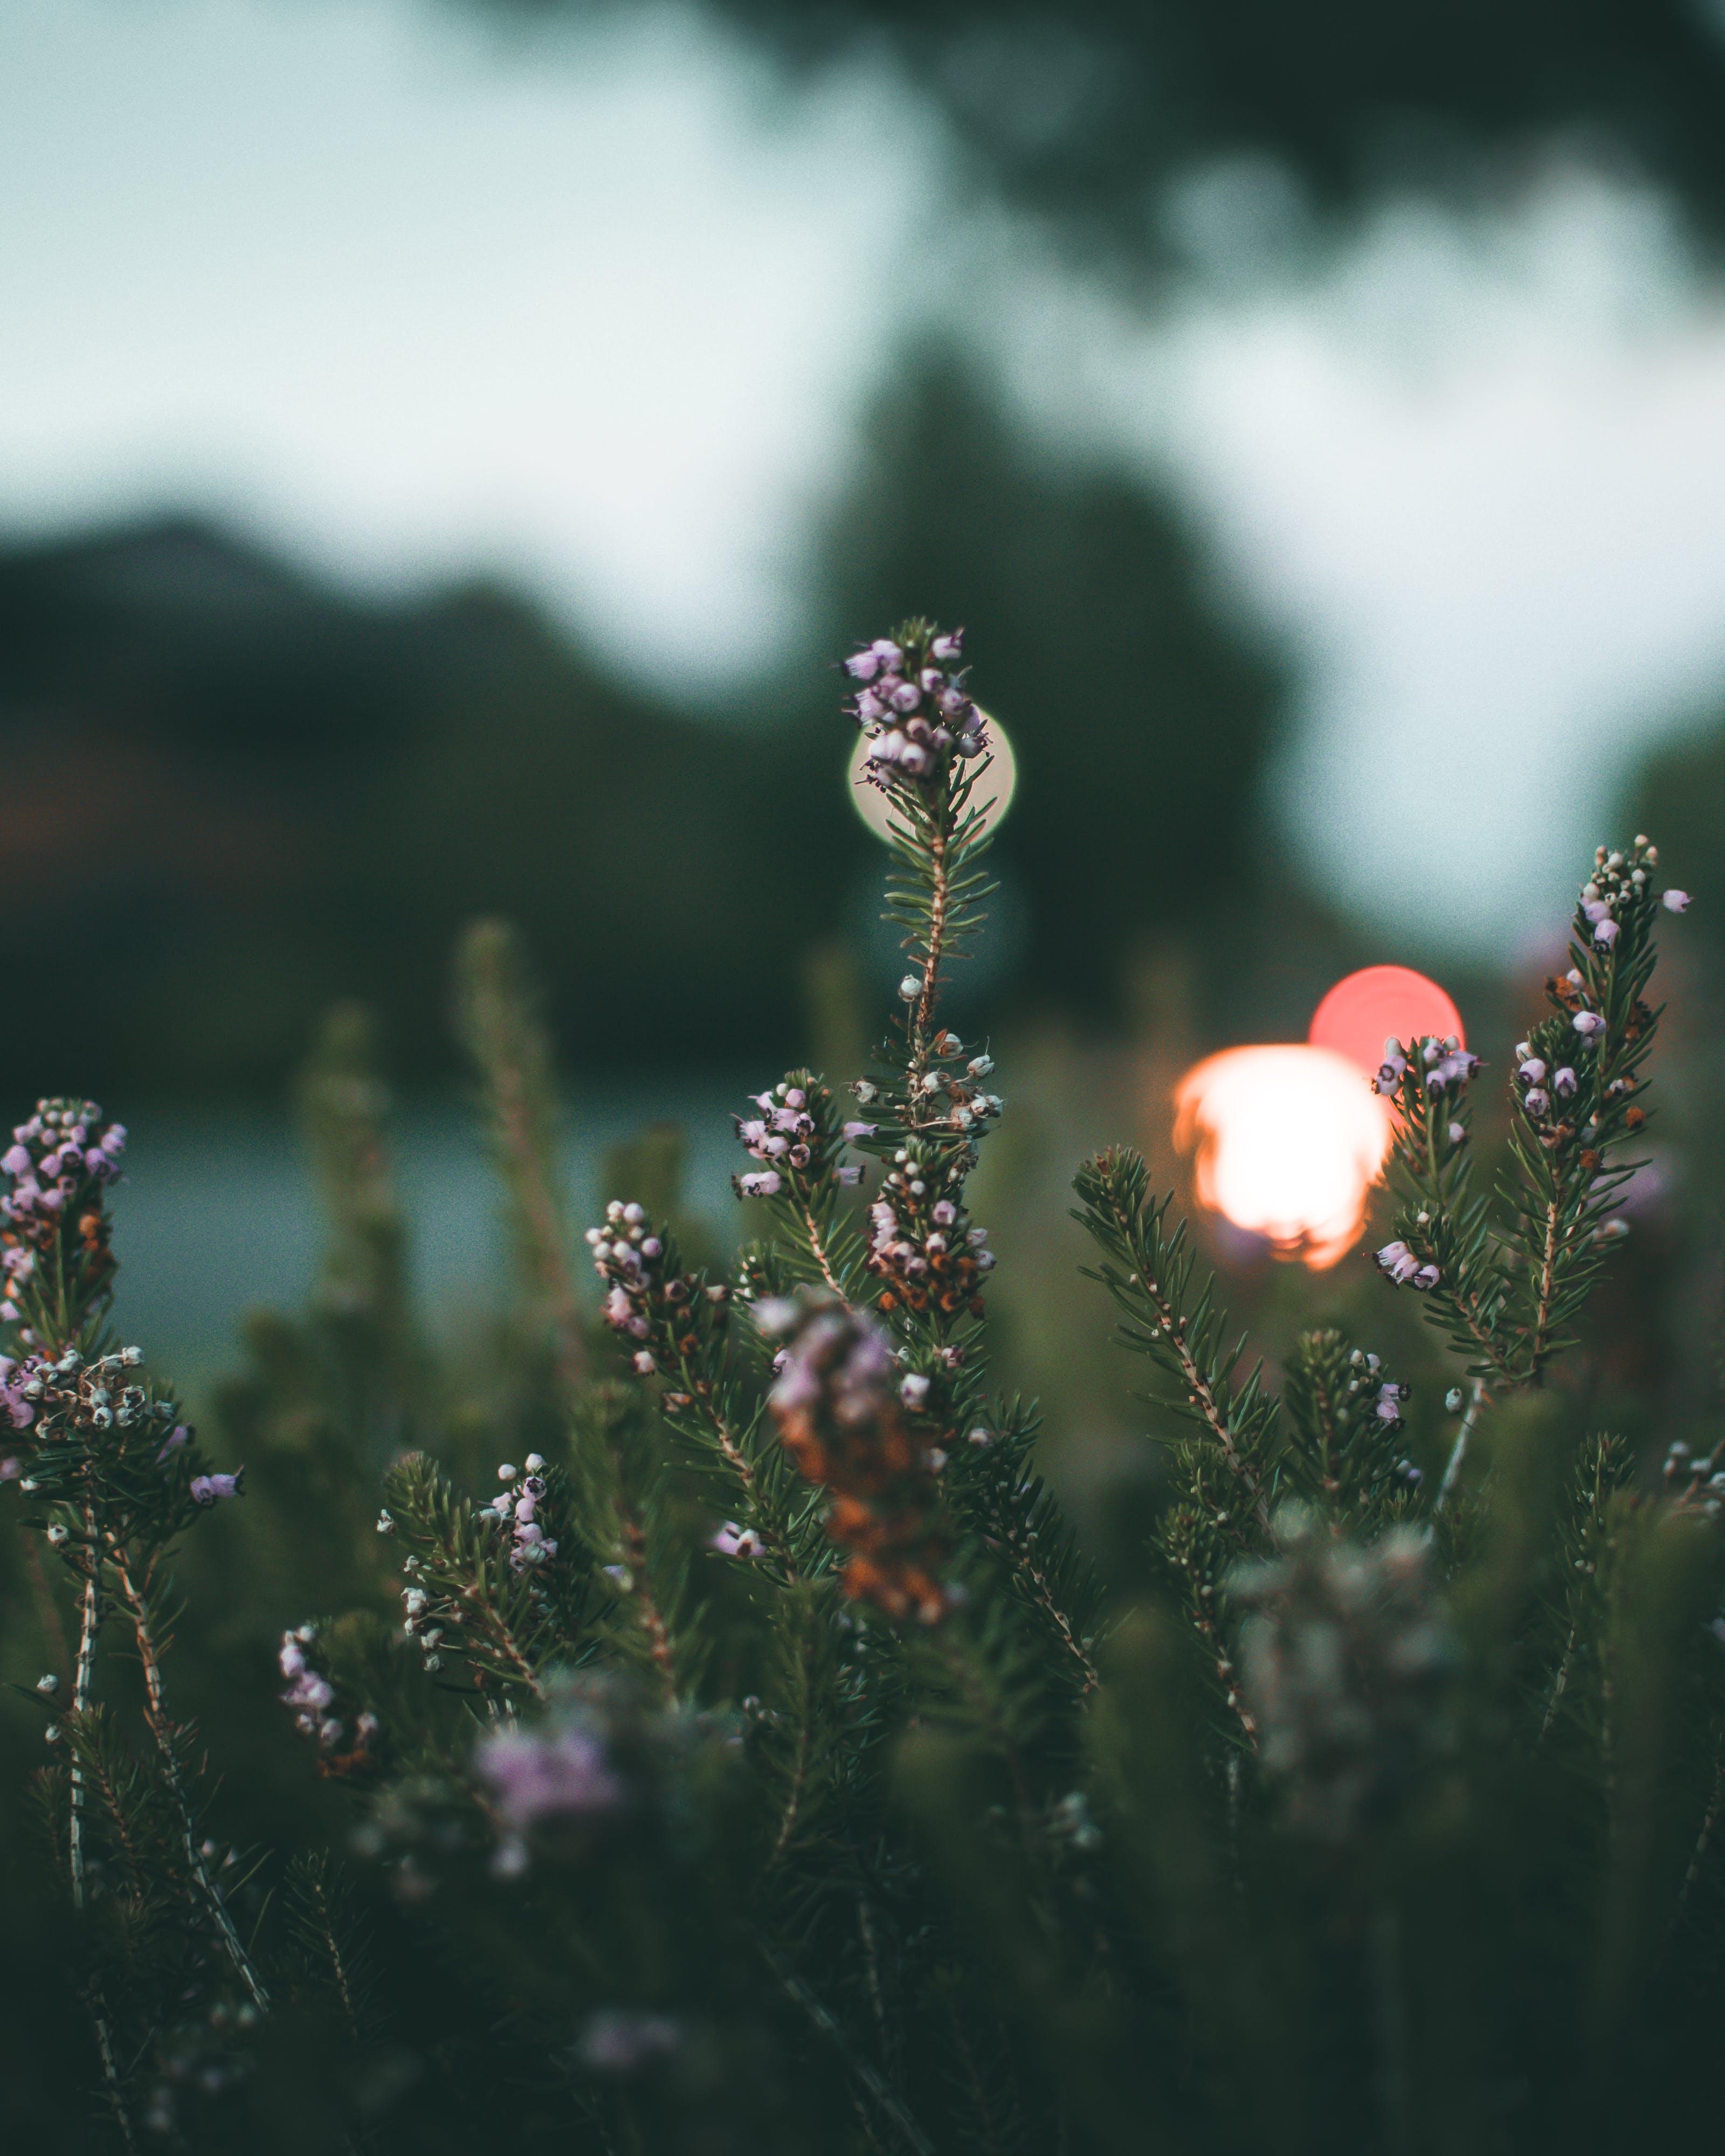 blomster, close-up, kraftværker